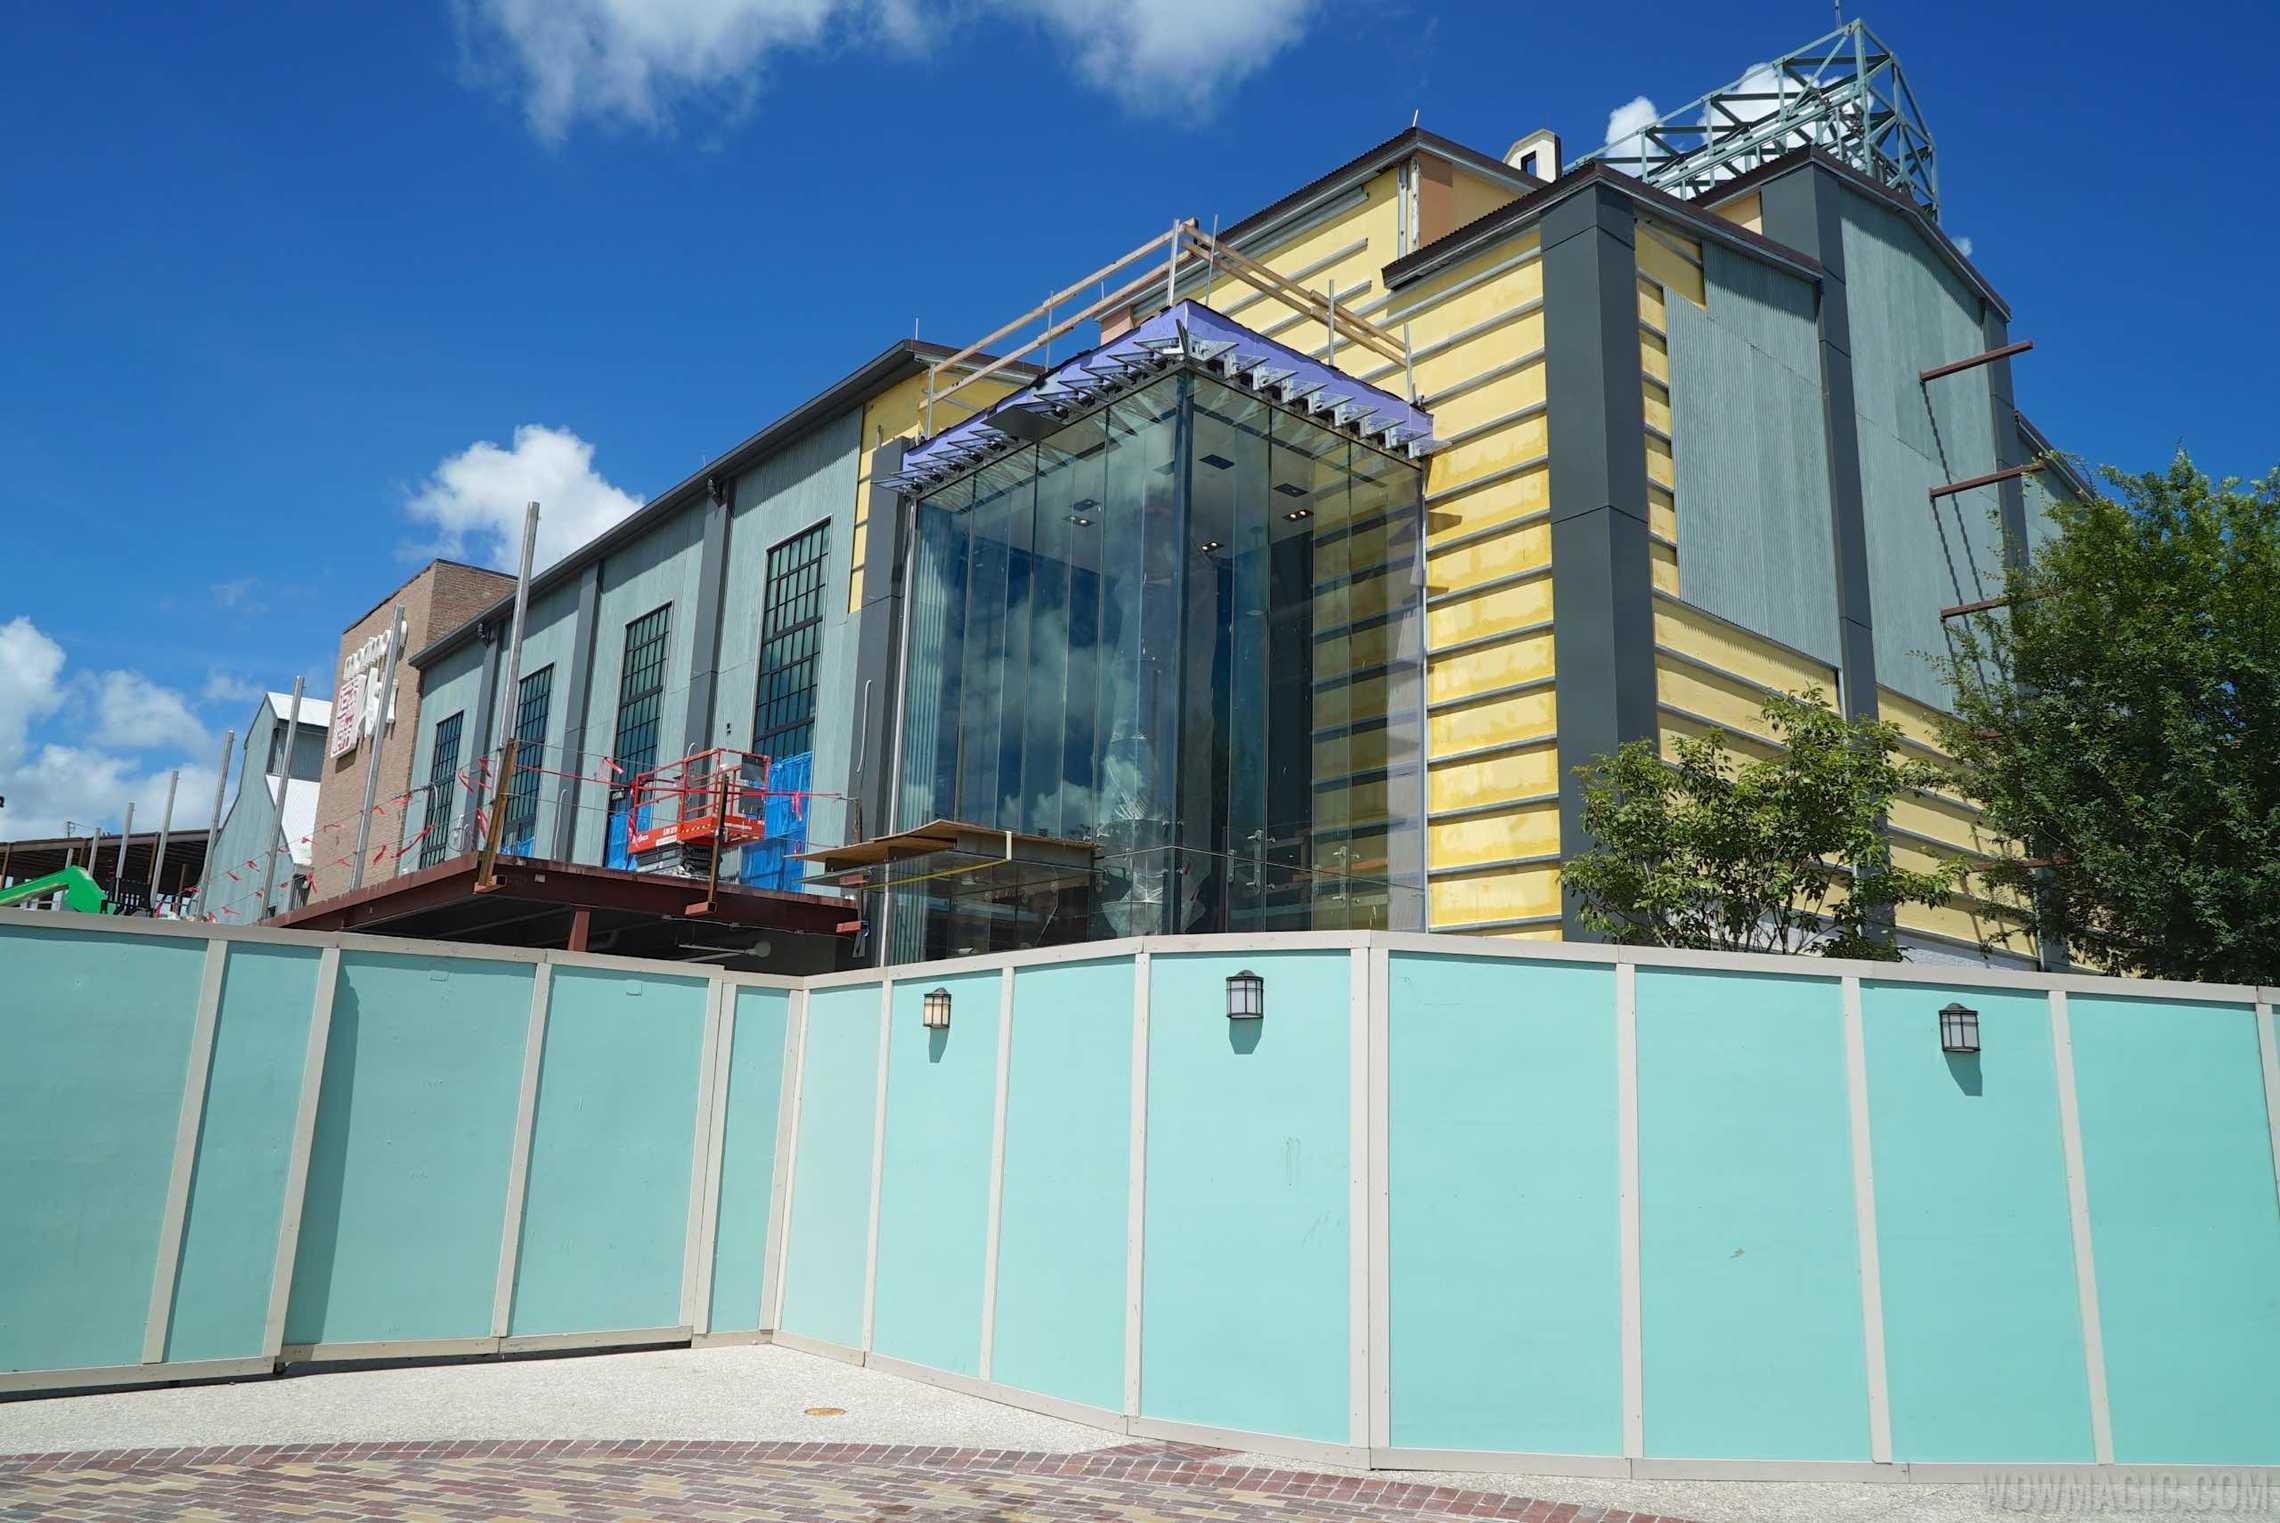 Morimoto Asia construction